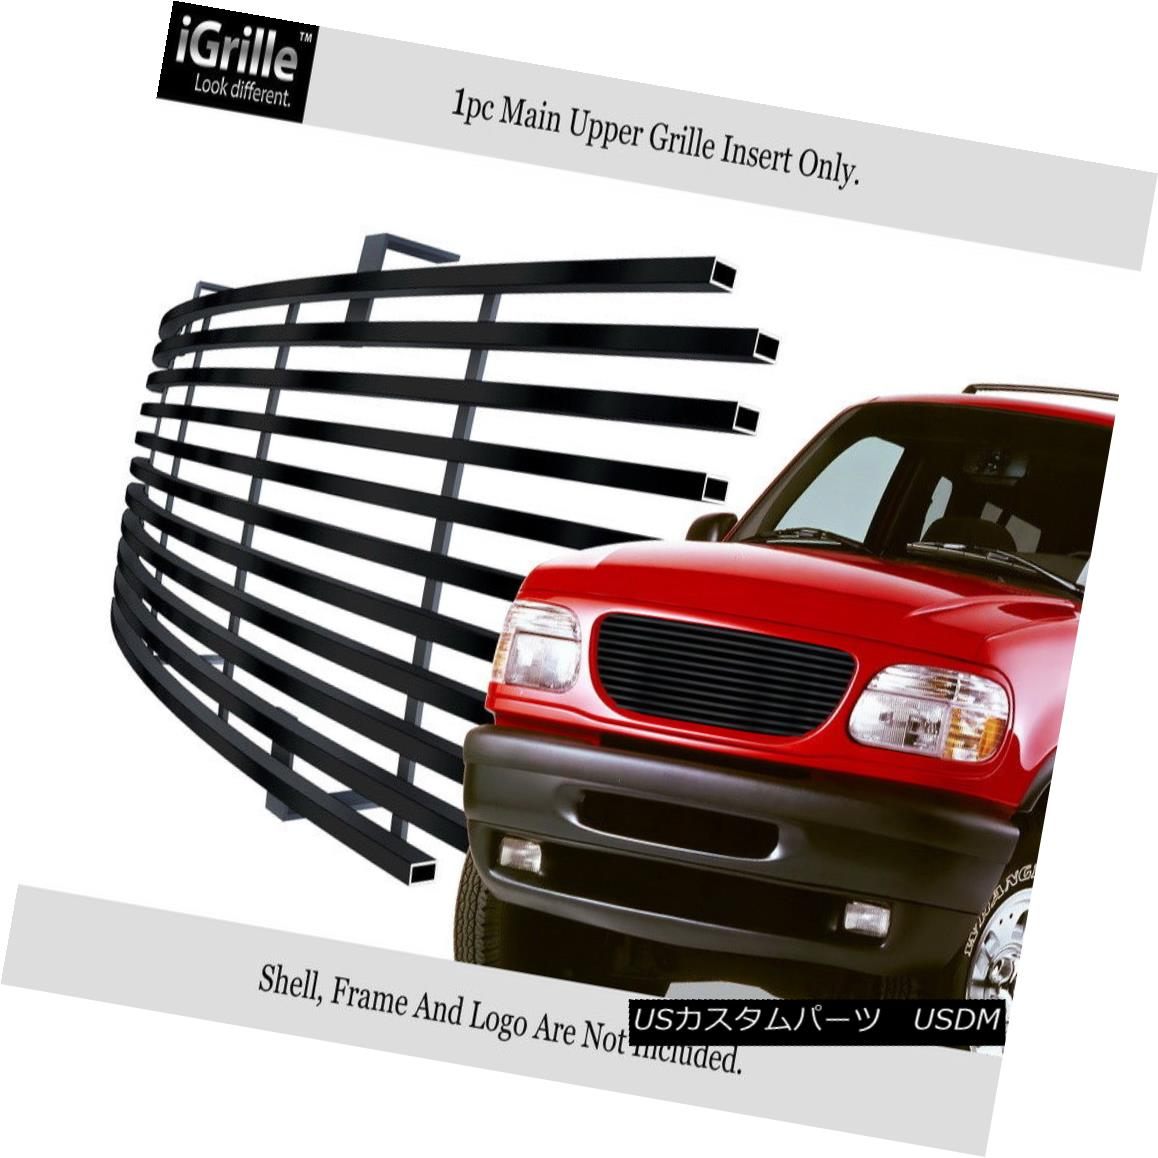 グリル Fits 95-01 Ford Explorer Stainless Steel Black Billet Grille Insert フィット95-01 Ford Explorerステンレススチールブラックビレットグリルインサート